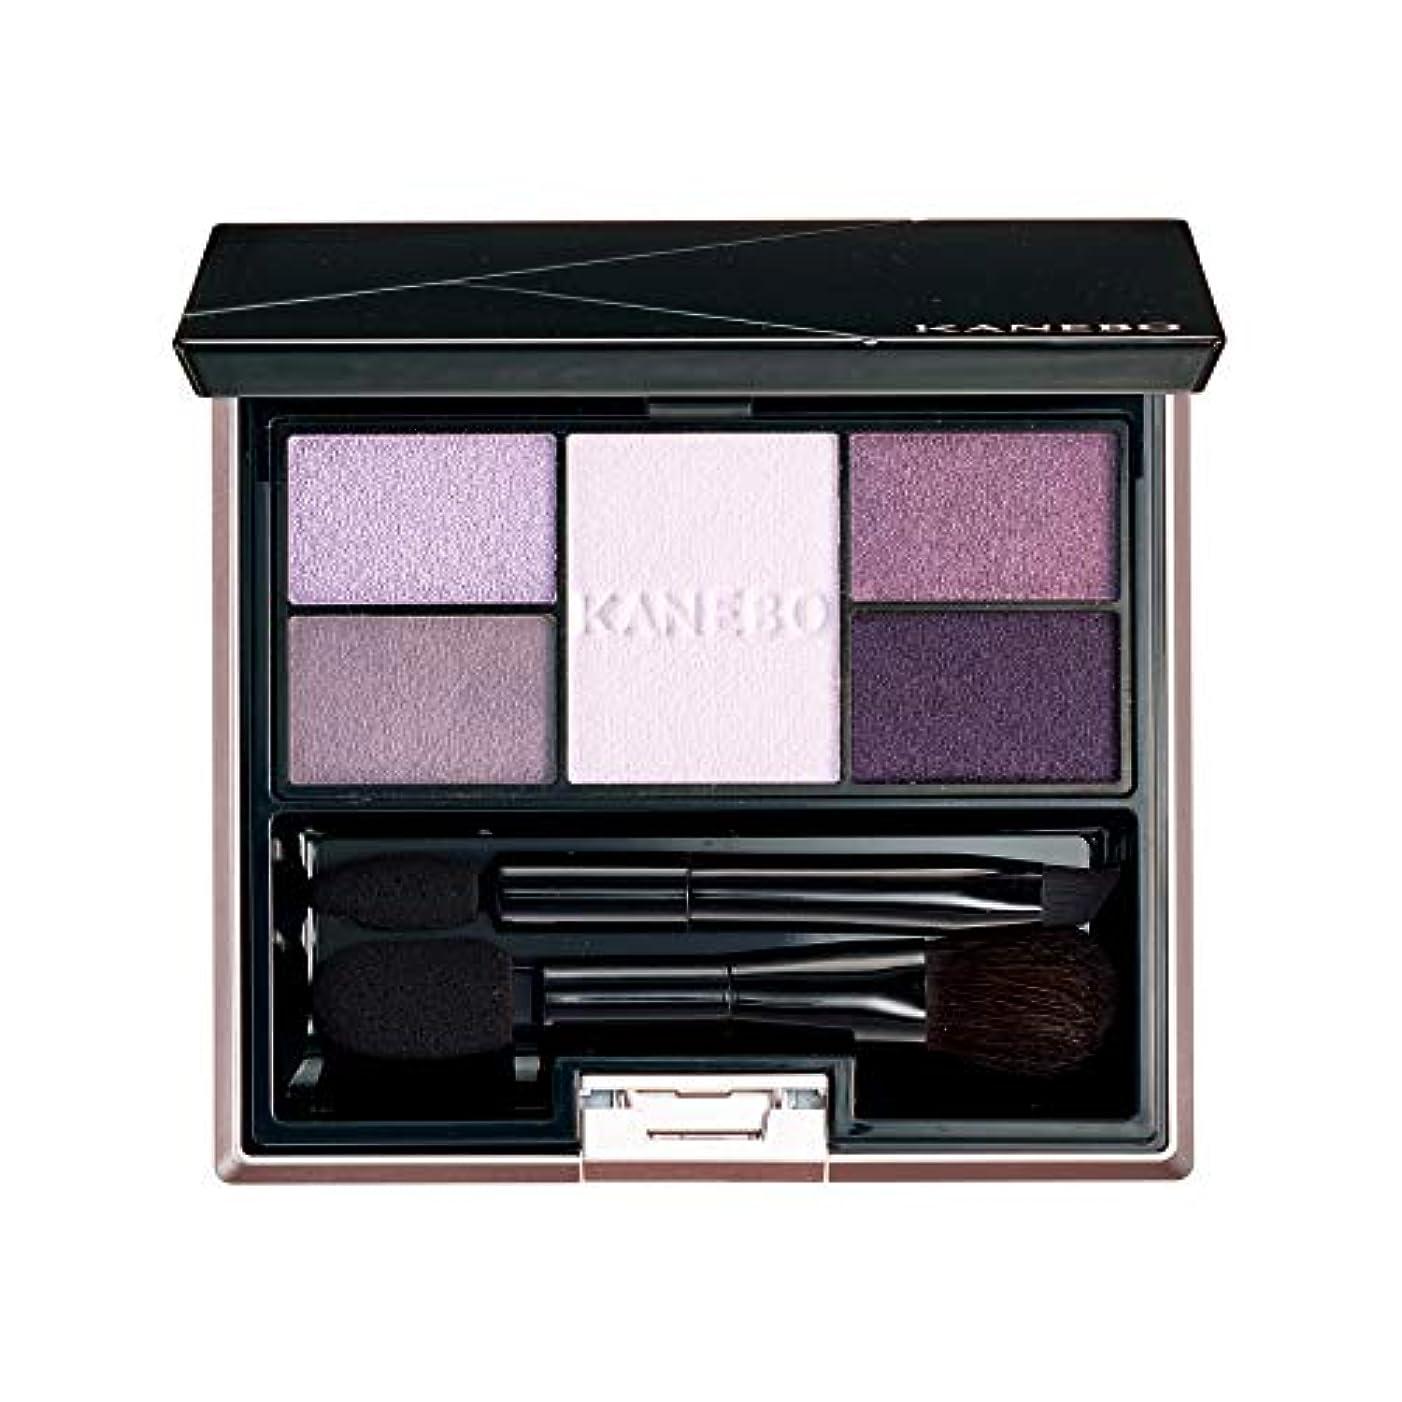 取り戻すカウンタ施しKANEBO(カネボウ) カネボウ セレクションカラーズアイシャドウ 06 Elegant Lavender アイシャドウ